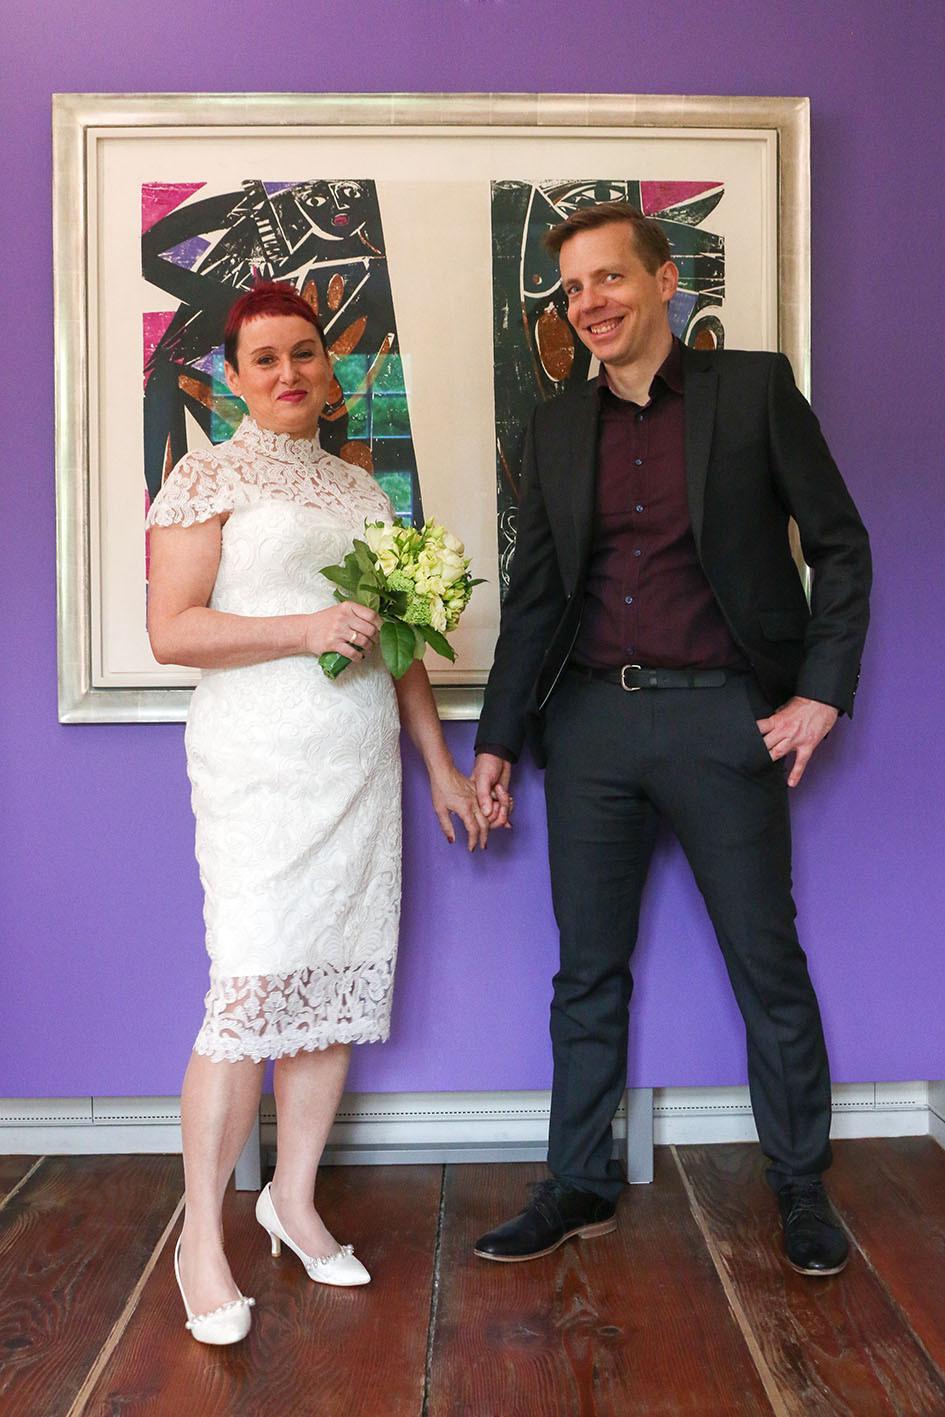 Braut Tomris und Bräutigam Daniel stehen vor ihrem favorisierten Bild im Schloss Glatt.